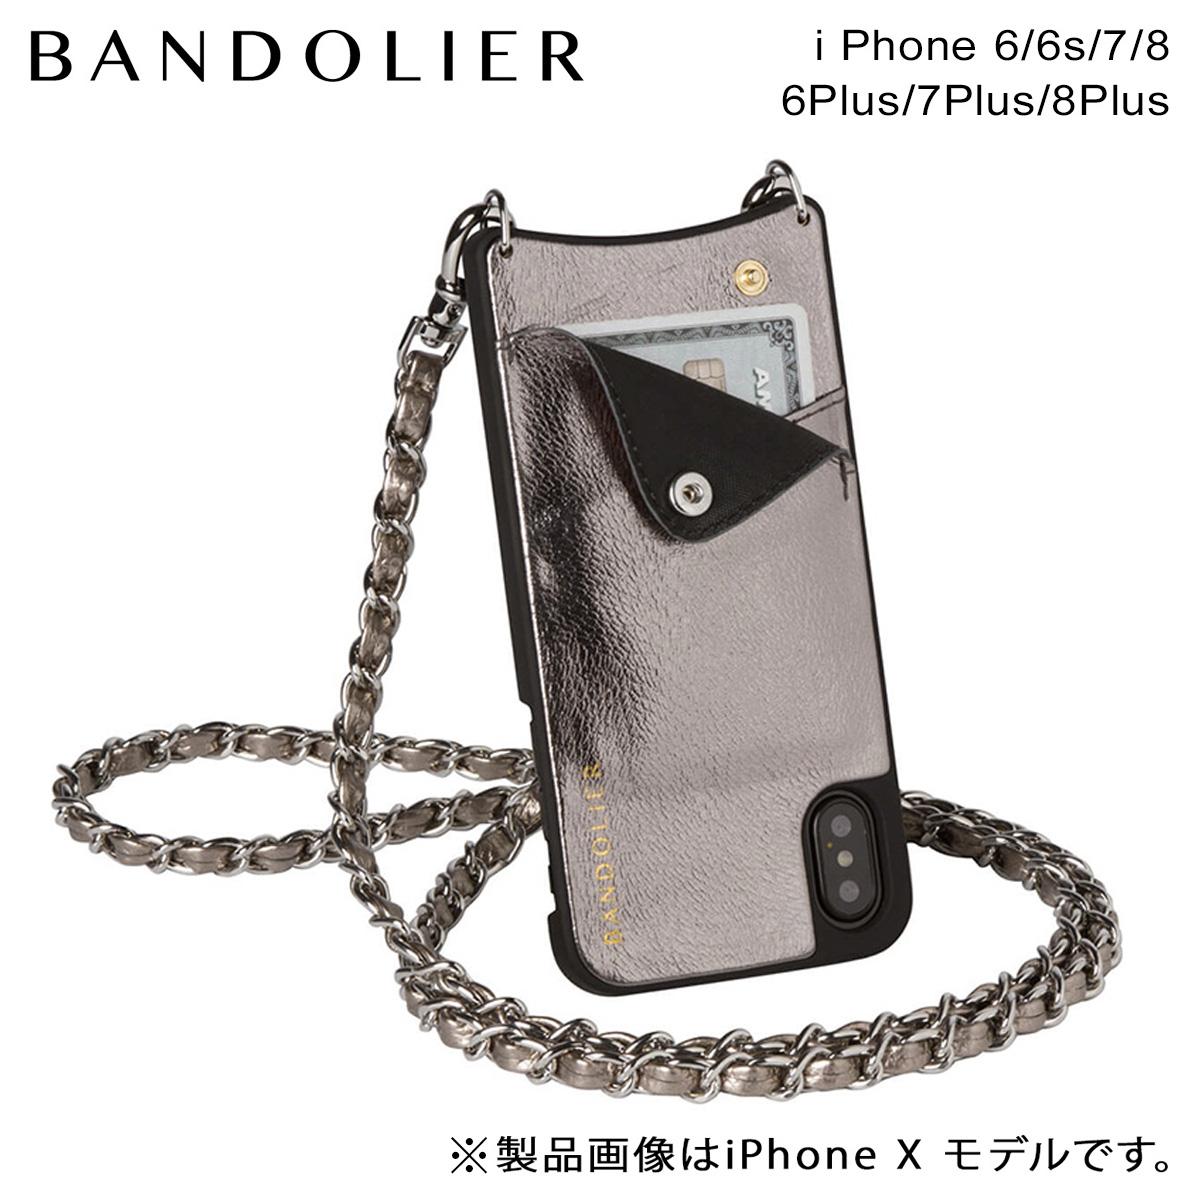 バンドリヤー BANDOLIER iPhone8 iPhone7 7Plus 6s ケース スマホ アイフォン プラス LUCY METALLIC ASH メンズ レディース アッシュ